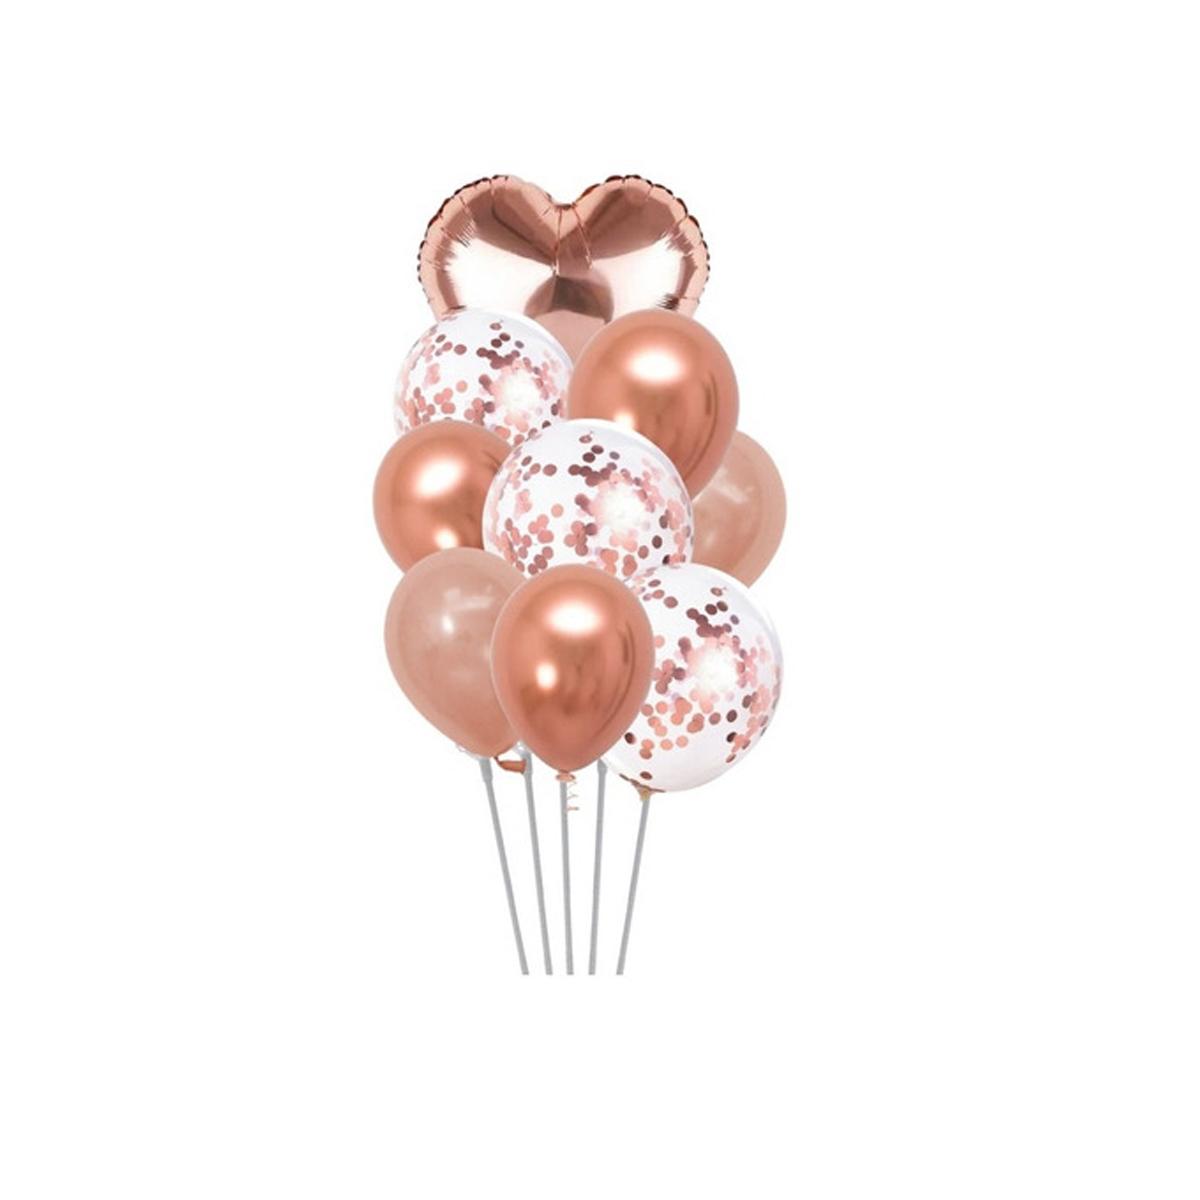 Kit Buque Balão Metalizado Látex Confete Coração C/9